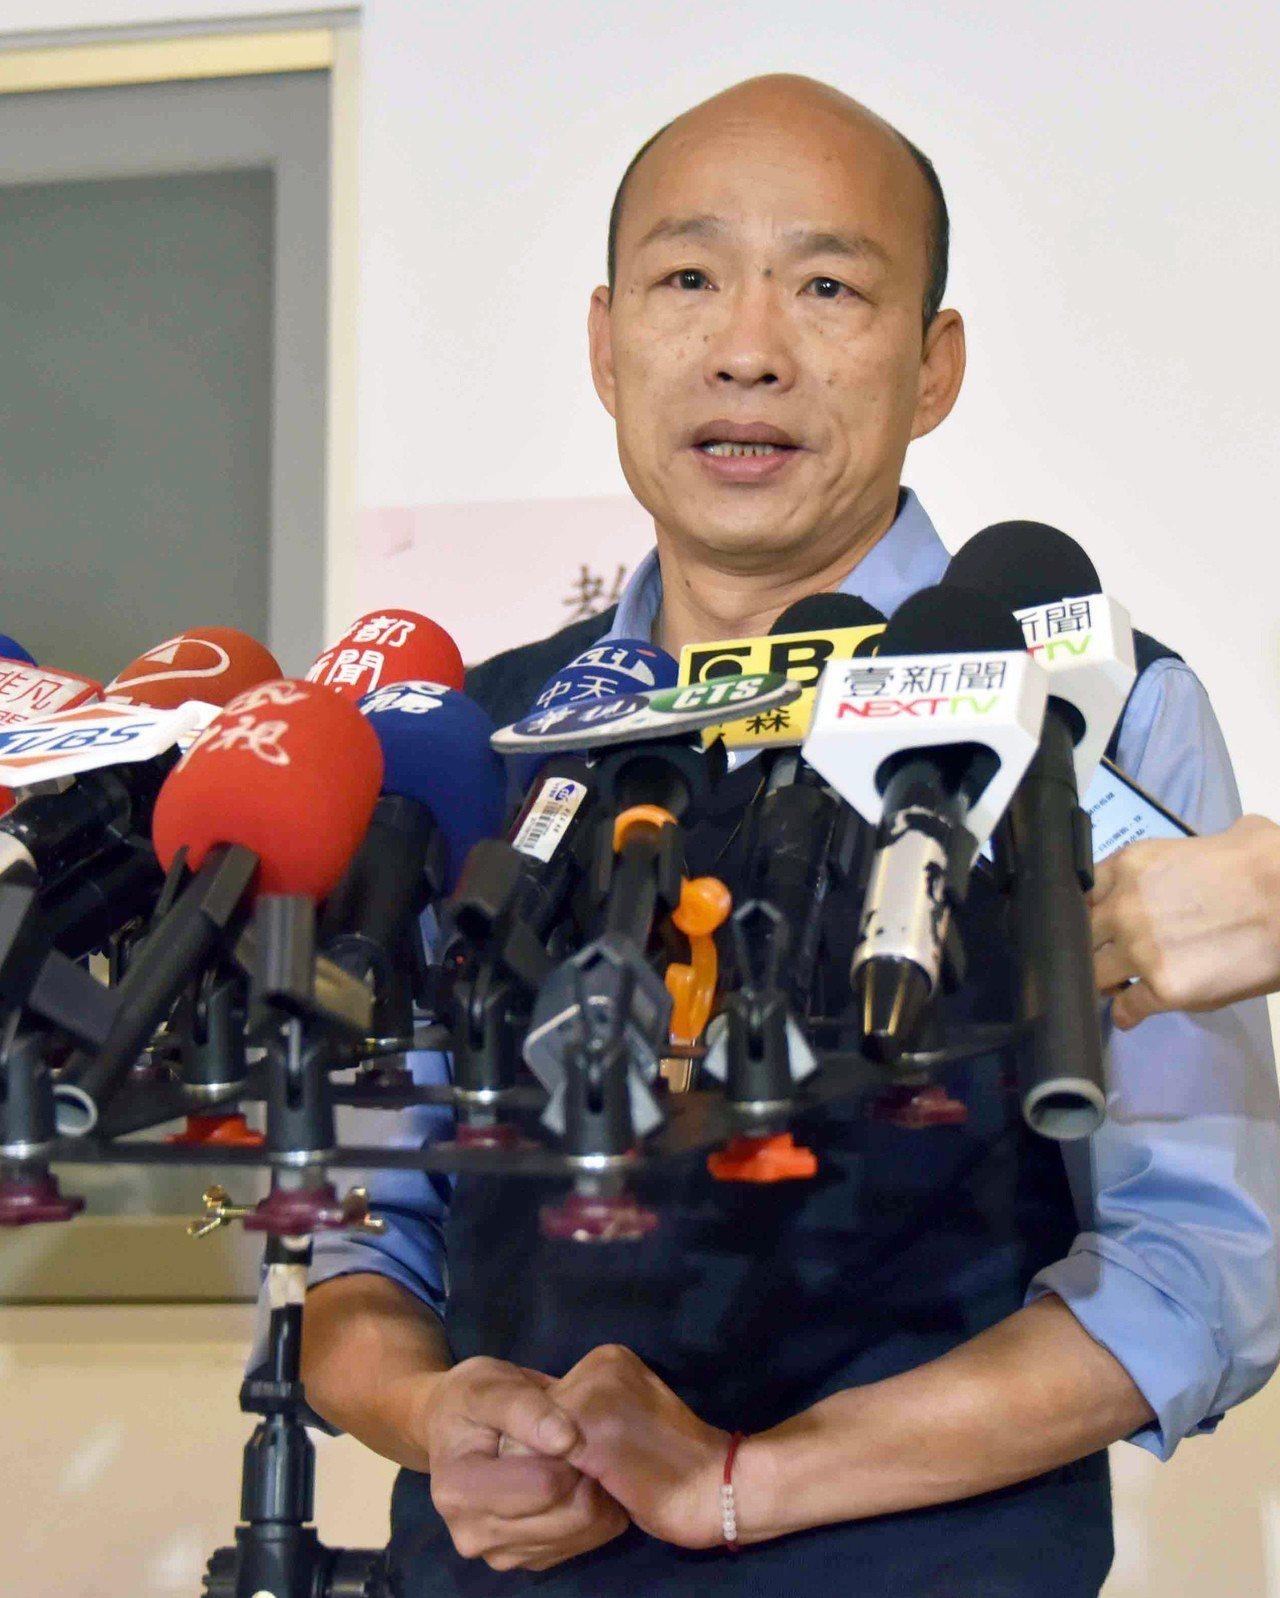 名嘴黃暐瀚指出,高雄市長韓國瑜已從「C咖變成S咖」,但國民黨擁有「搞殘黨內政治明...